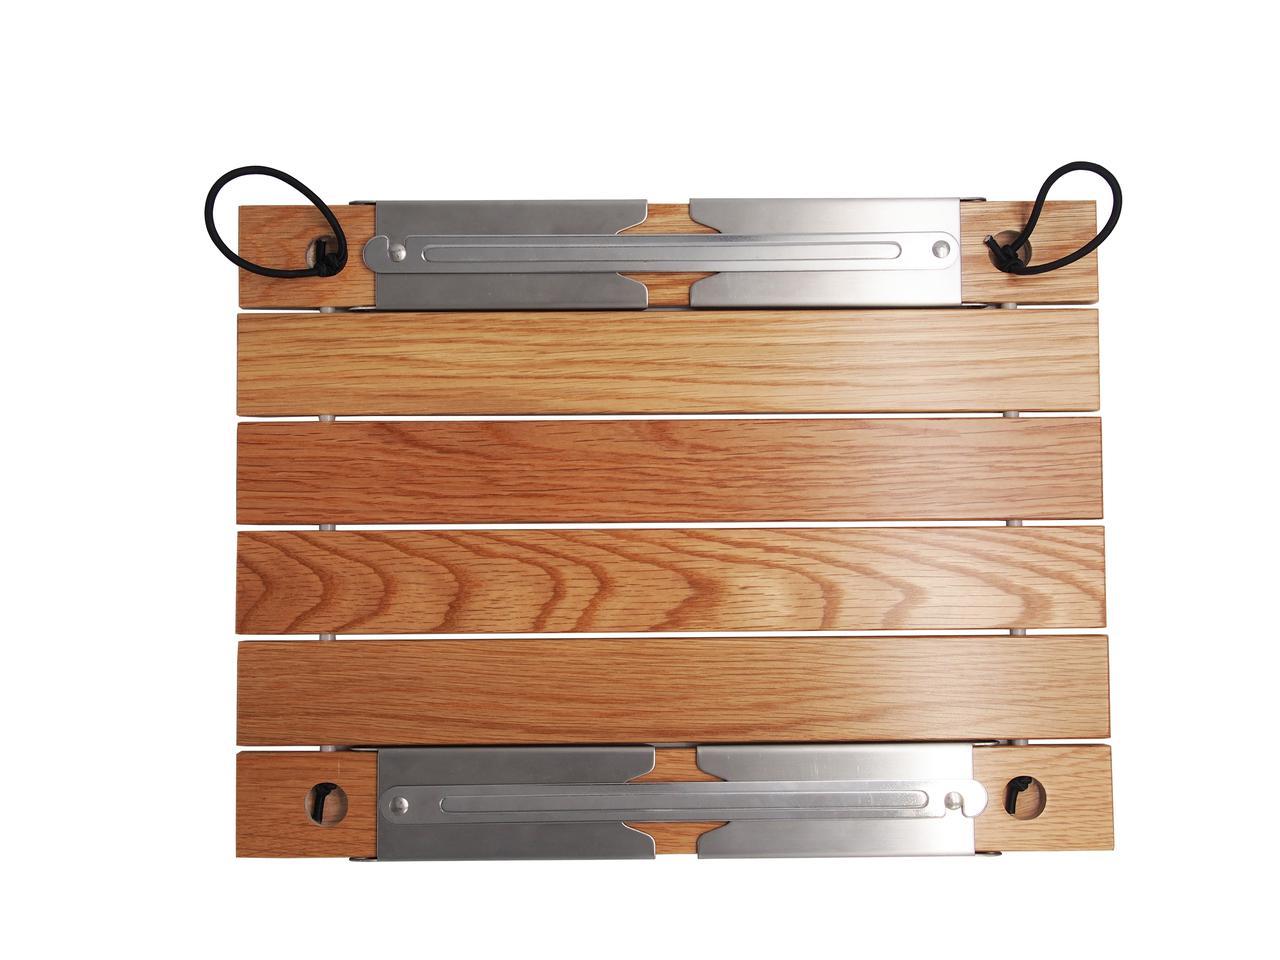 画像1: 【CAPTAIN STAG × 村の鍛冶屋】ライバルの共演!オリジナル木製ロールテーブルを9/17より限定500台発売